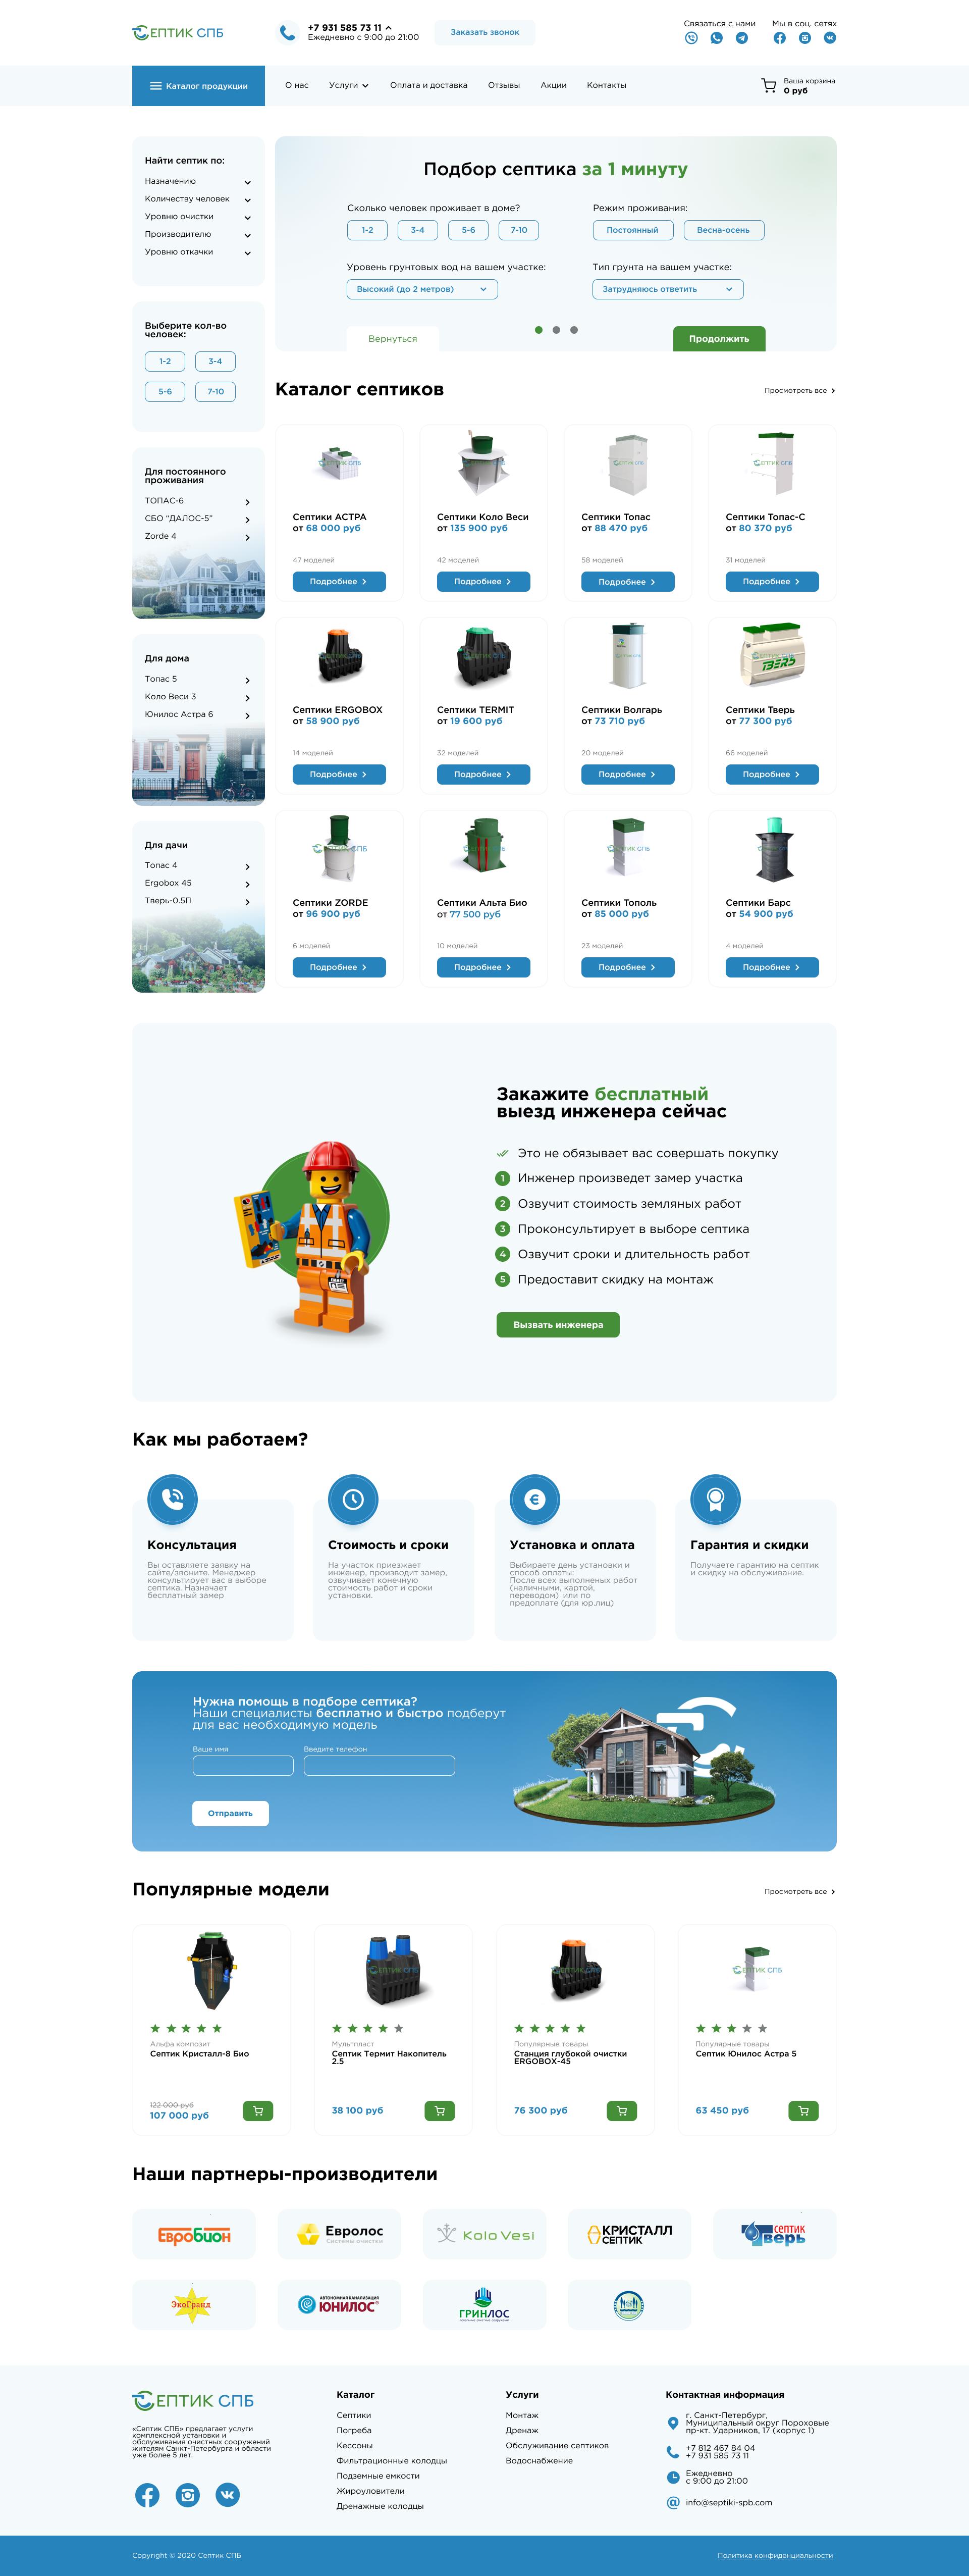 Редизайн сайта (без смены блочной страктуры) фото f_03860ce544f562c5.png